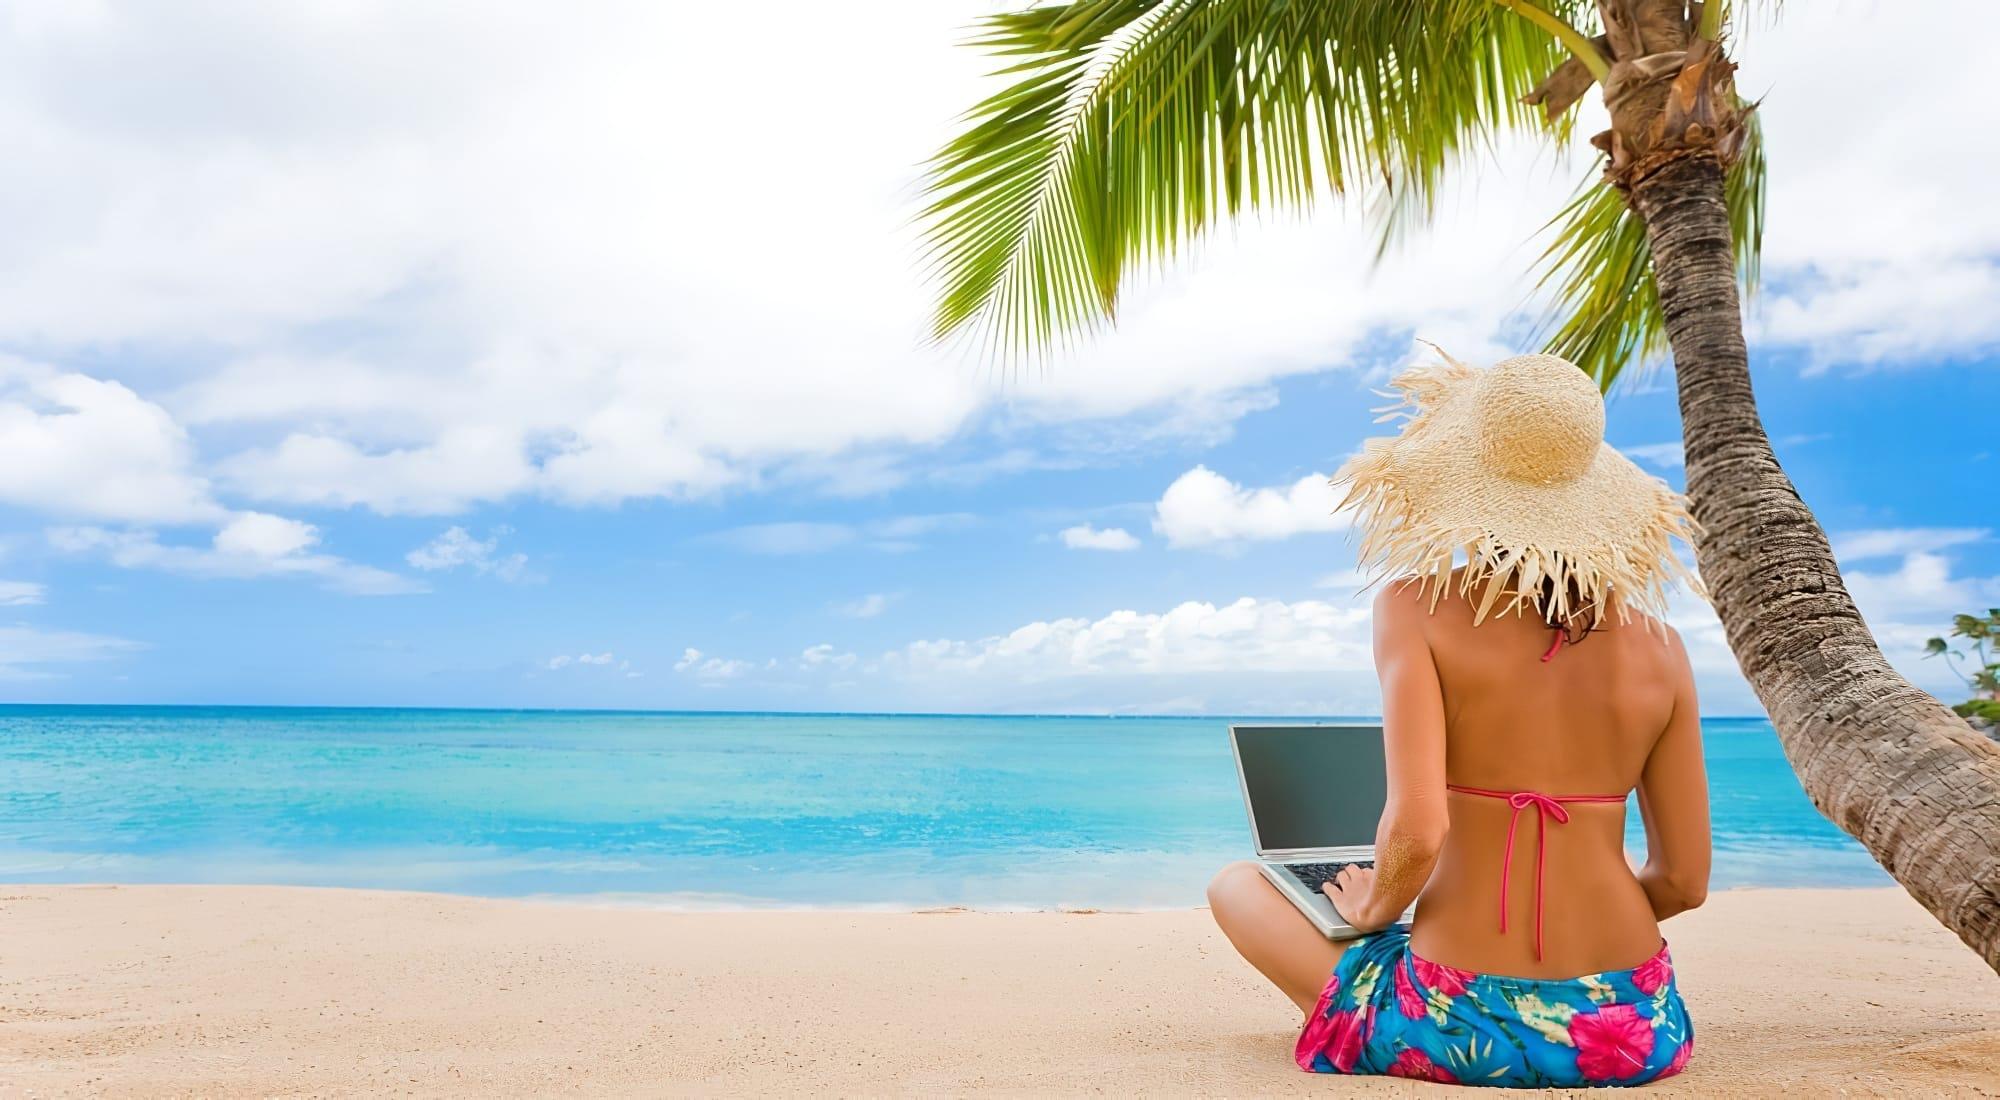 Les 15 meilleurs ordinateurs portables pour voyager